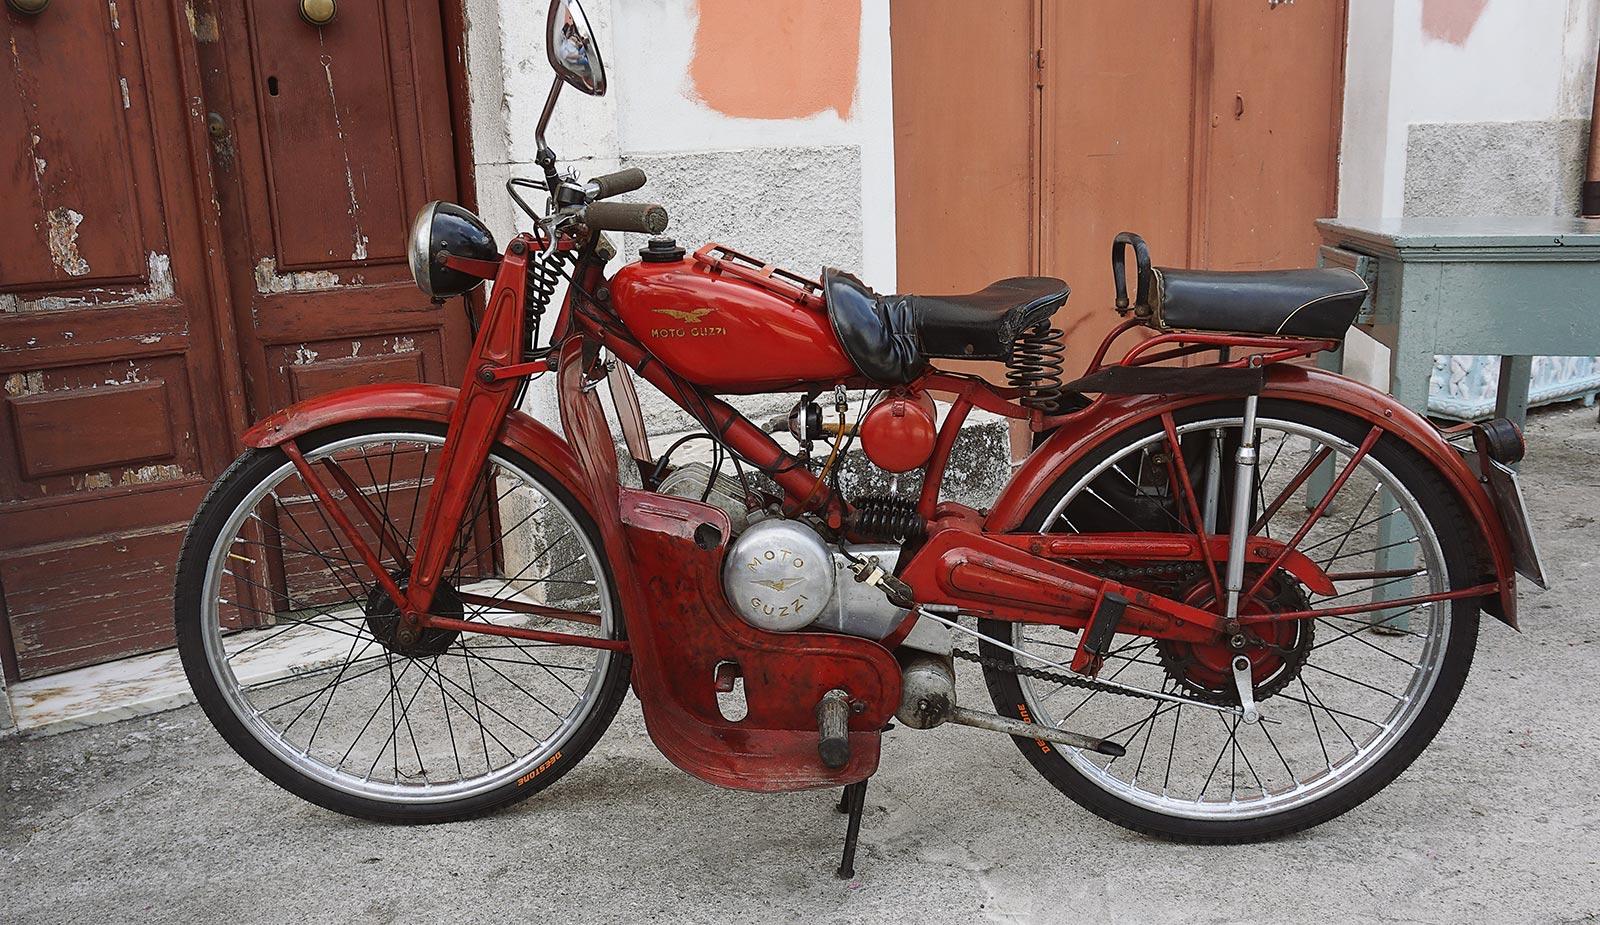 Joyside Molise Moto Guzzi Cardellino